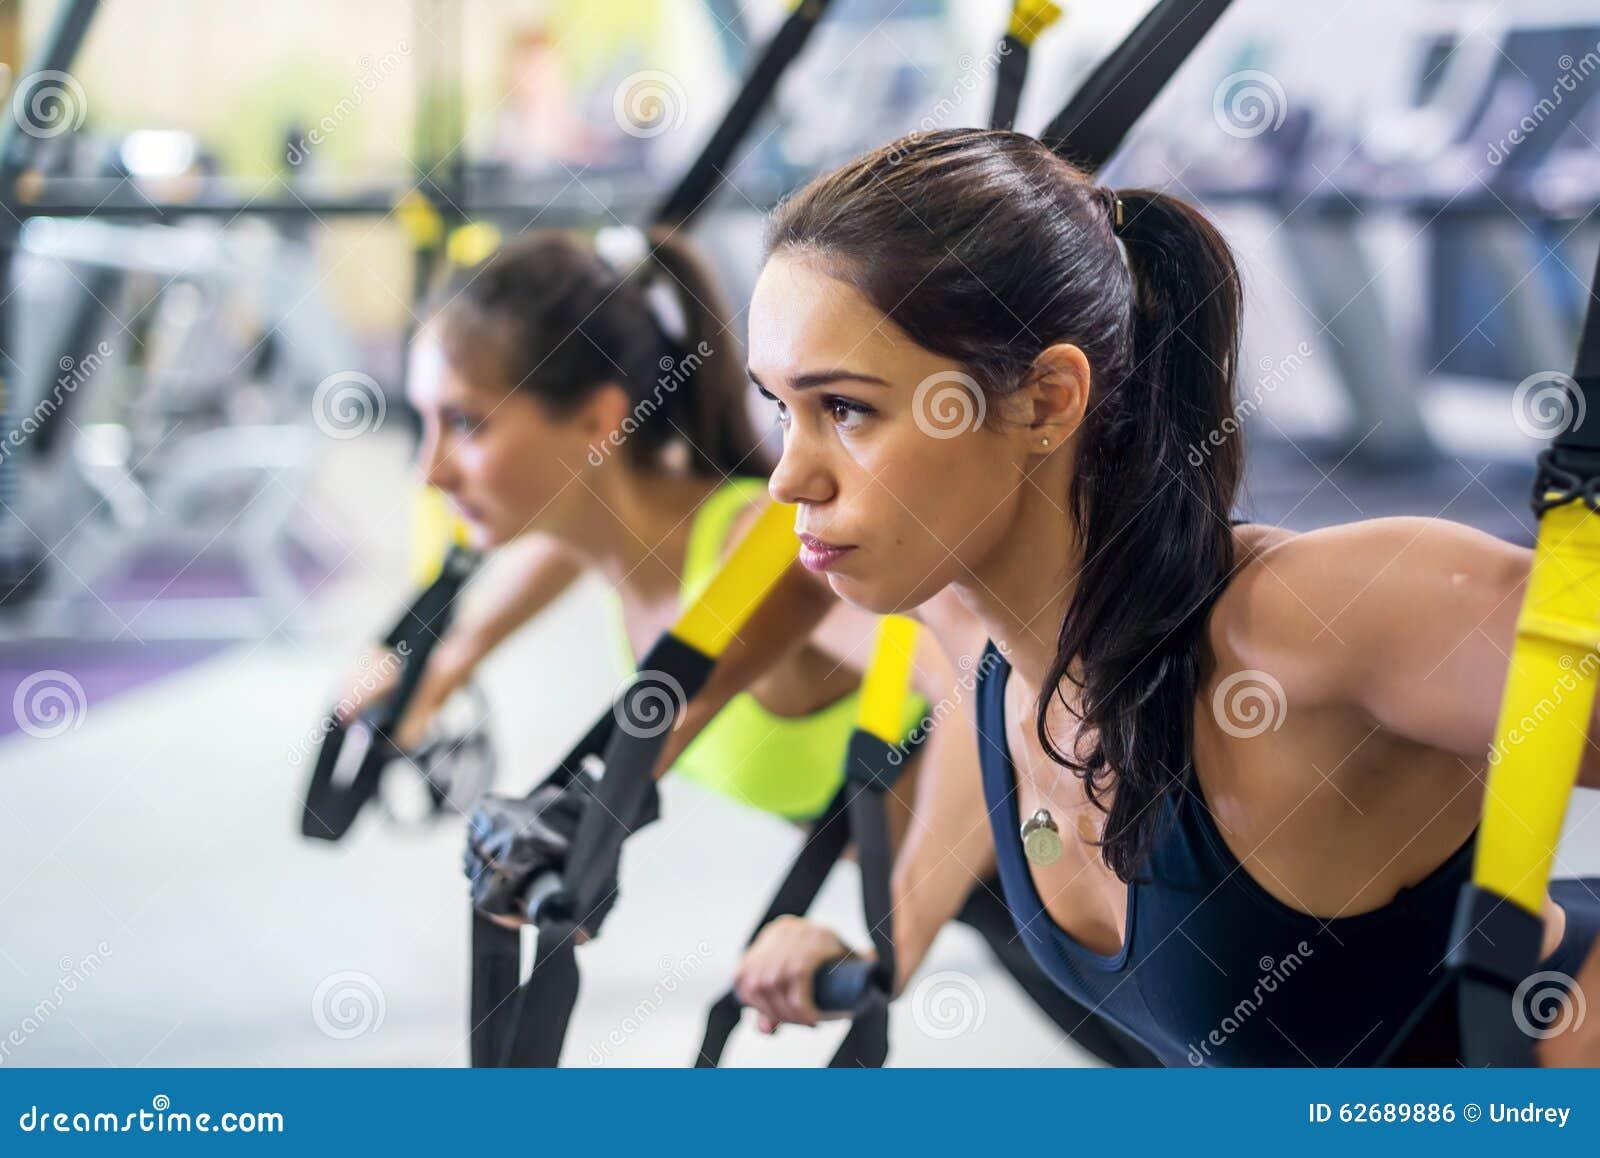 Sprawności fizycznej trx zawieszenie troczy ćwiczenia szkoleniowe